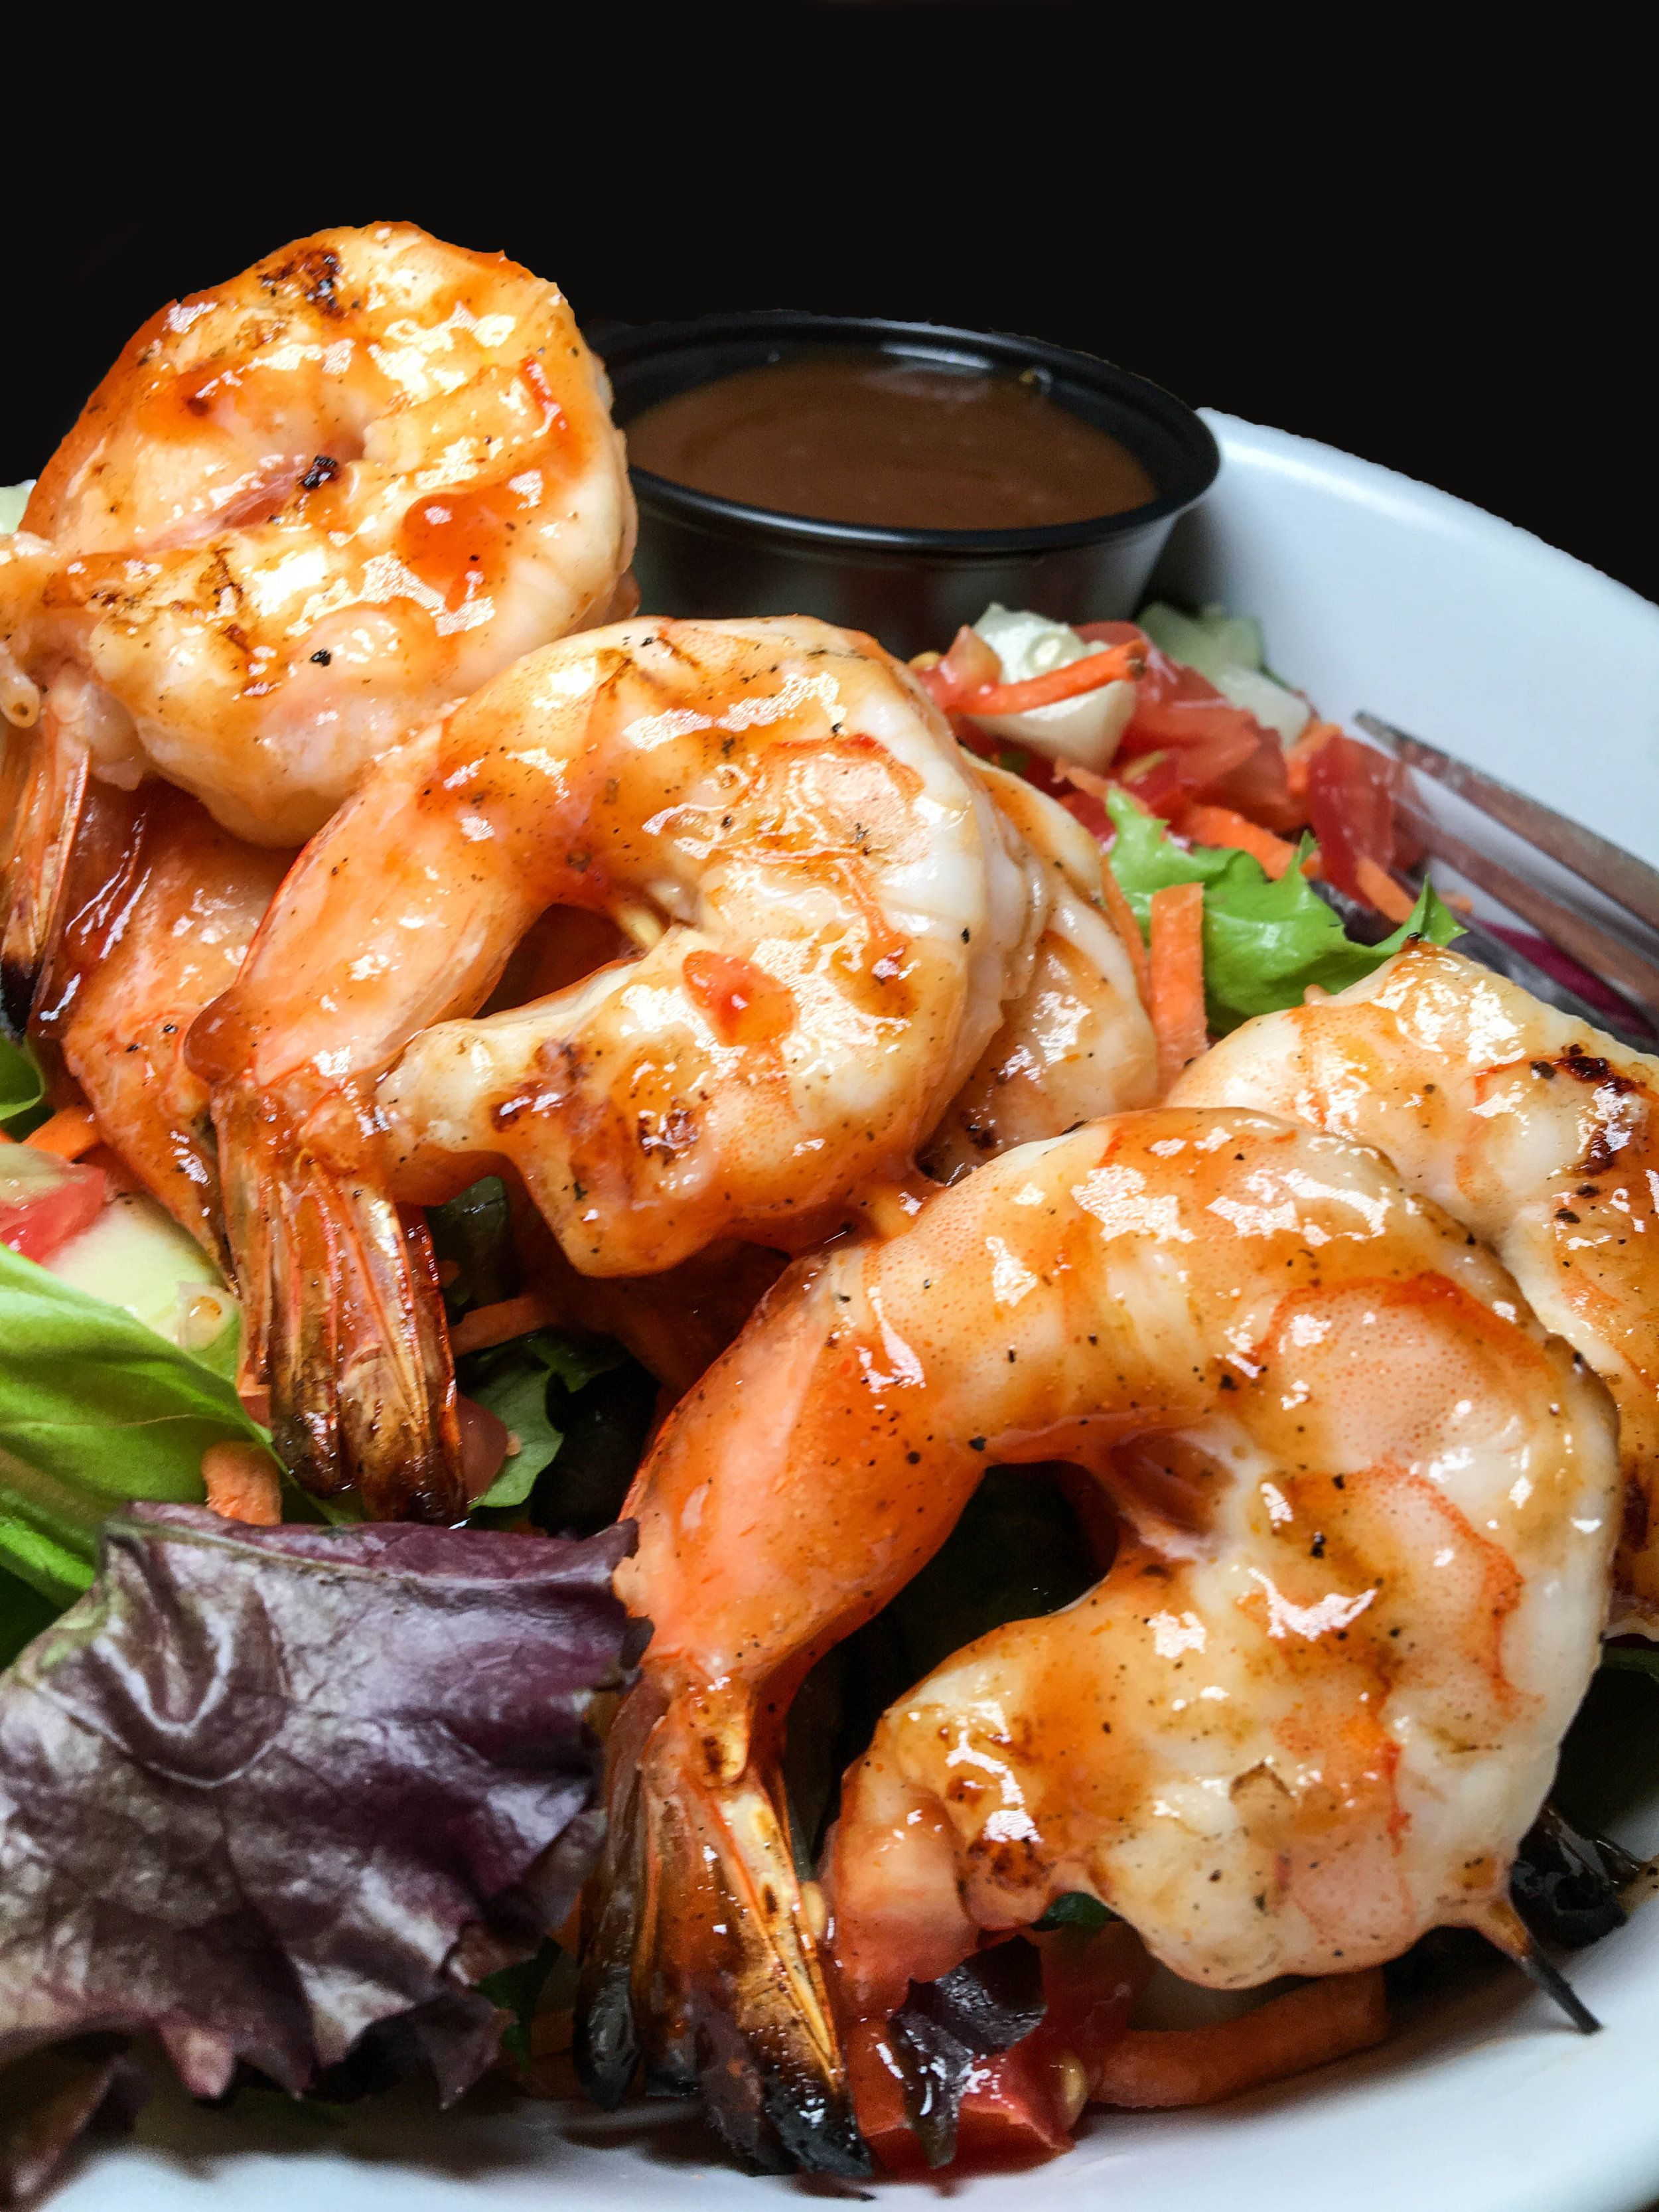 Salad with BBQ shrimp - Bobbique